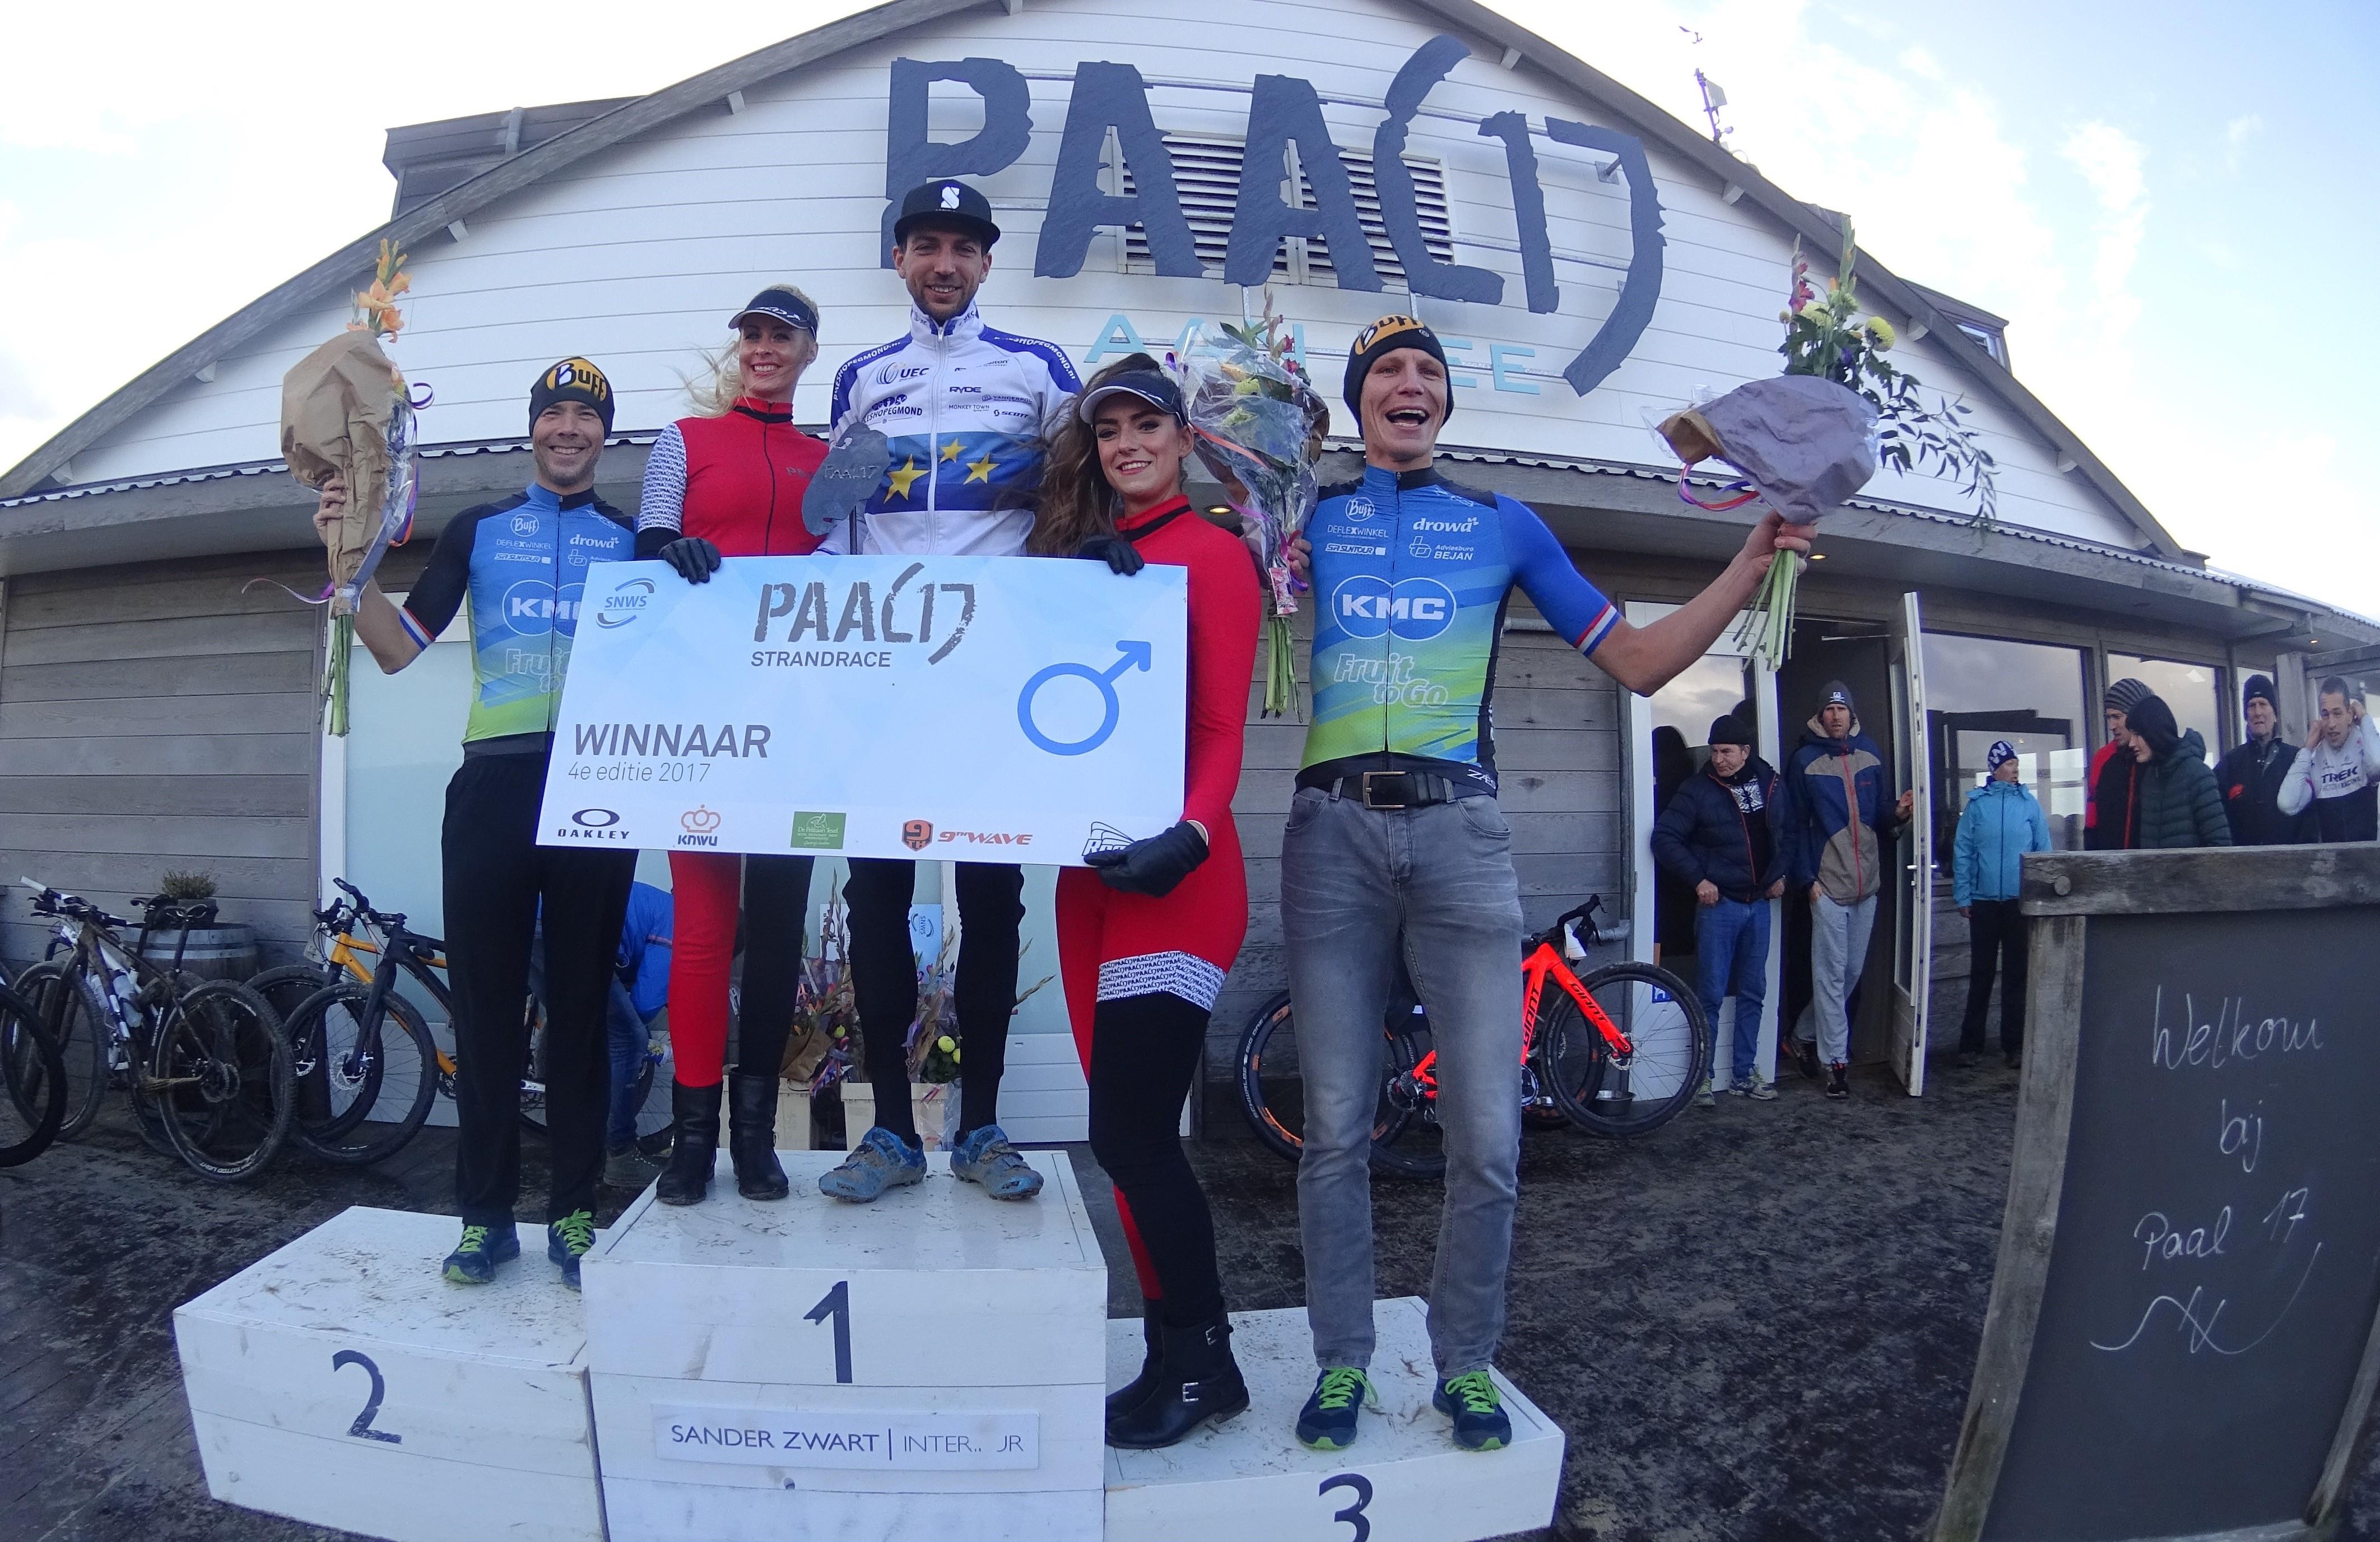 Bekkenk en Rood op podium, Ockeloen wint in Texel